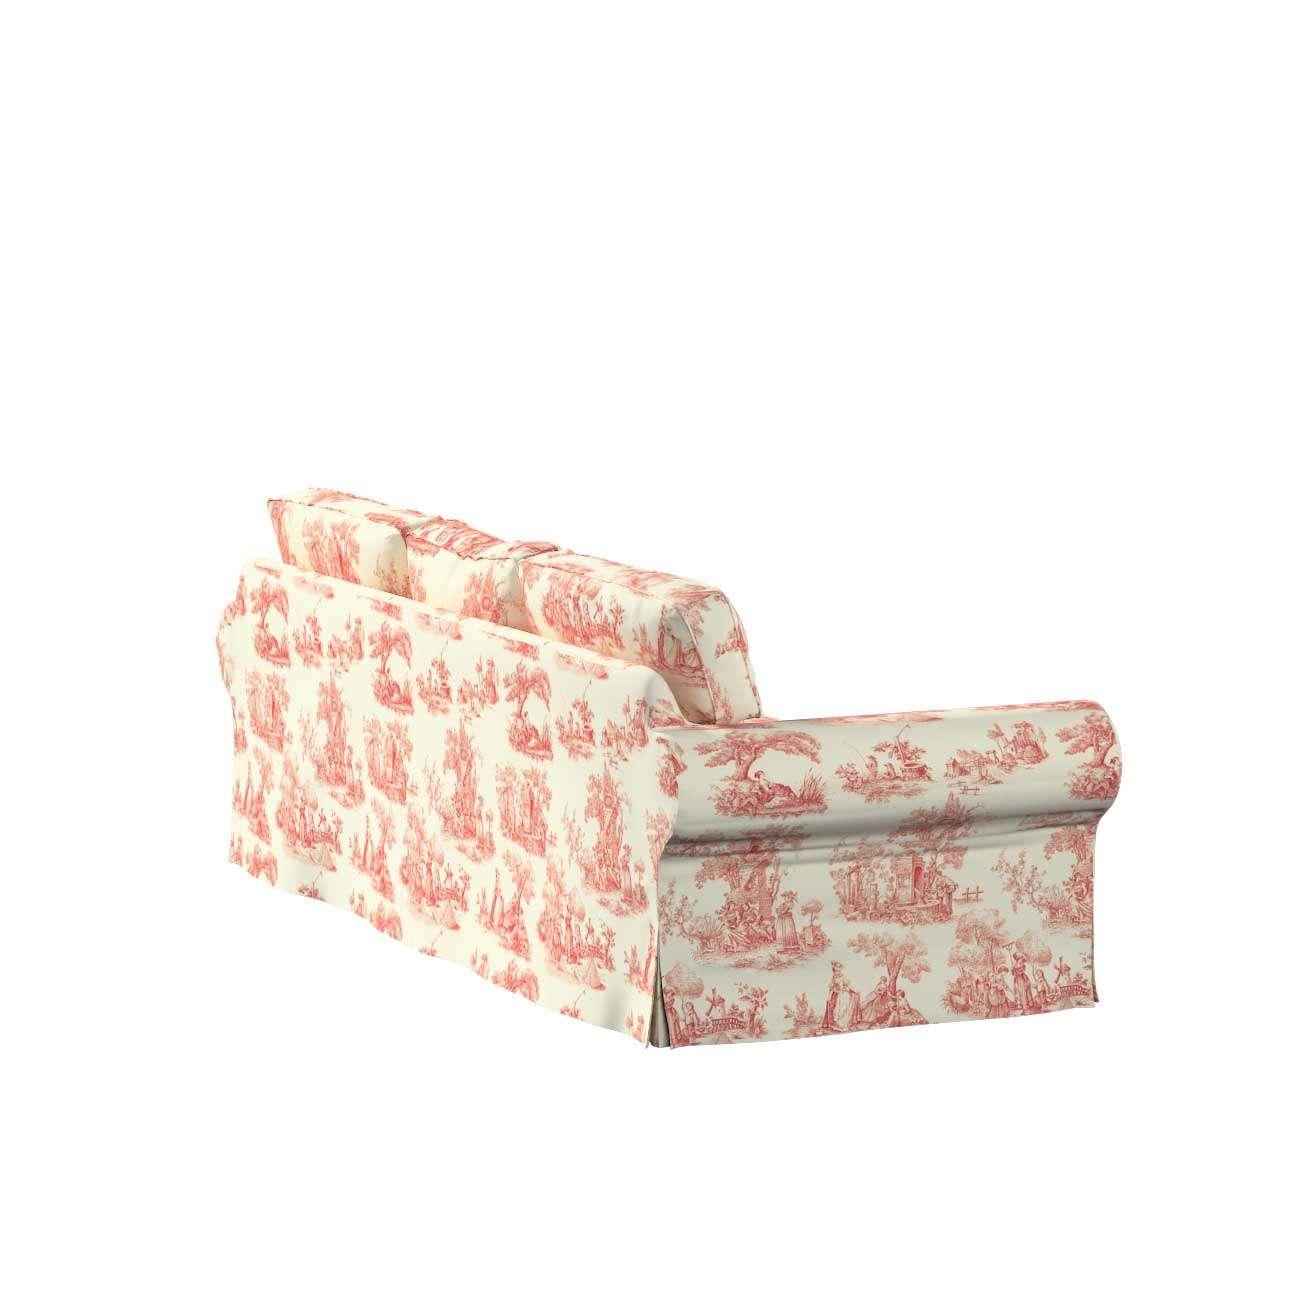 Ektorp 3-Sitzer Sofabezug nicht ausklappbar Sofabezug für  Ektorp 3-Sitzer nicht ausklappbar von der Kollektion Avinon, Stoff: 132-15